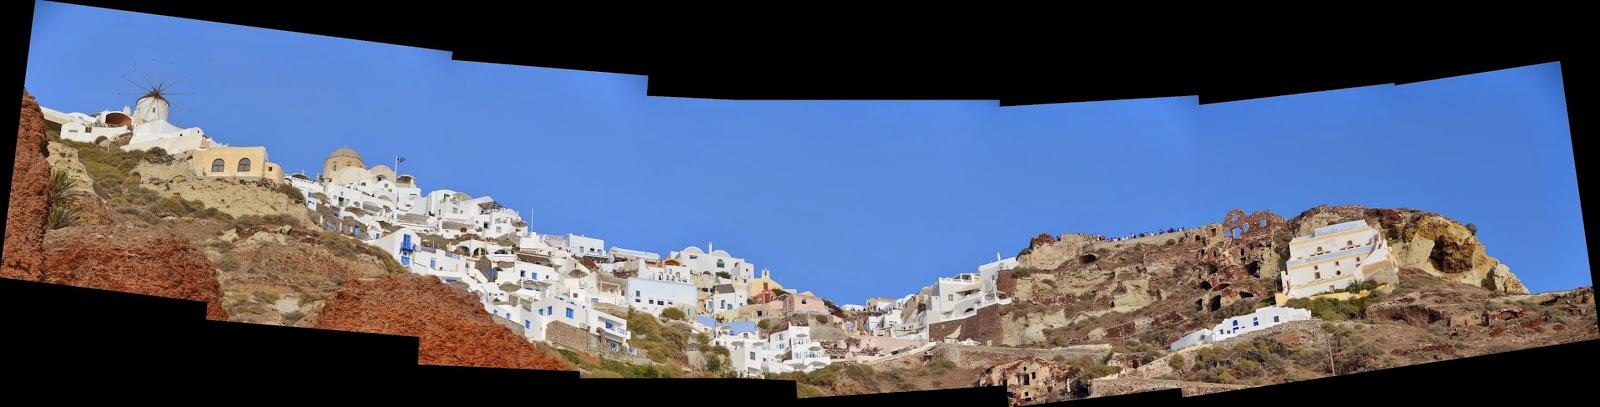 Panorama Oia